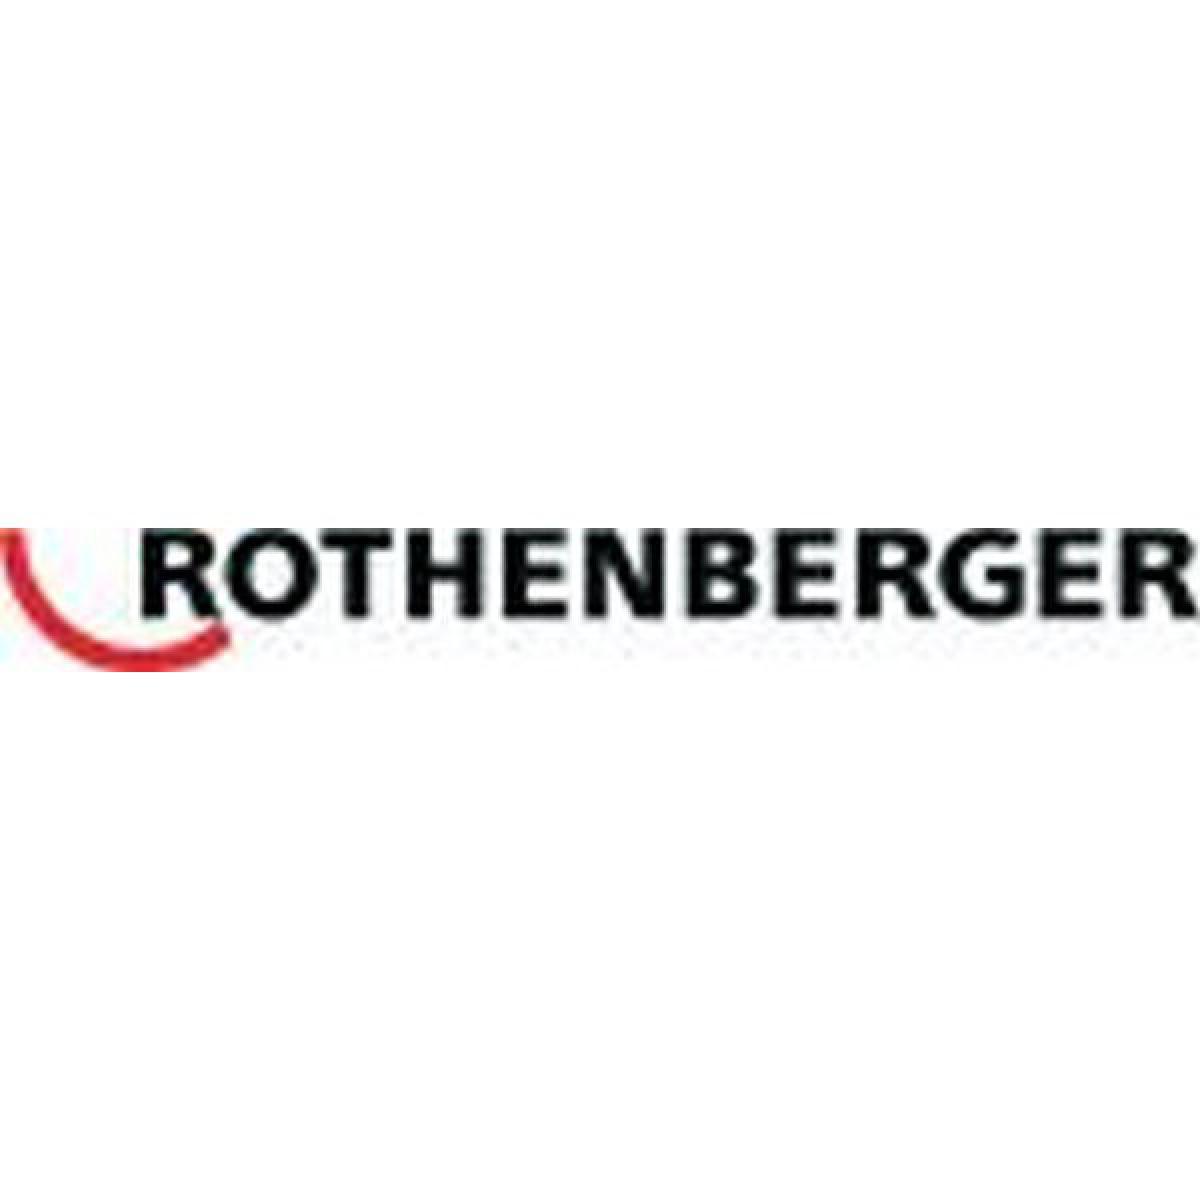 Rothenberger Lame de rechange en acier inoxydable pour cisailles pour tubes en matière plastique, ROCUT® PS 42, Pour Ø de tuyaux : 6-